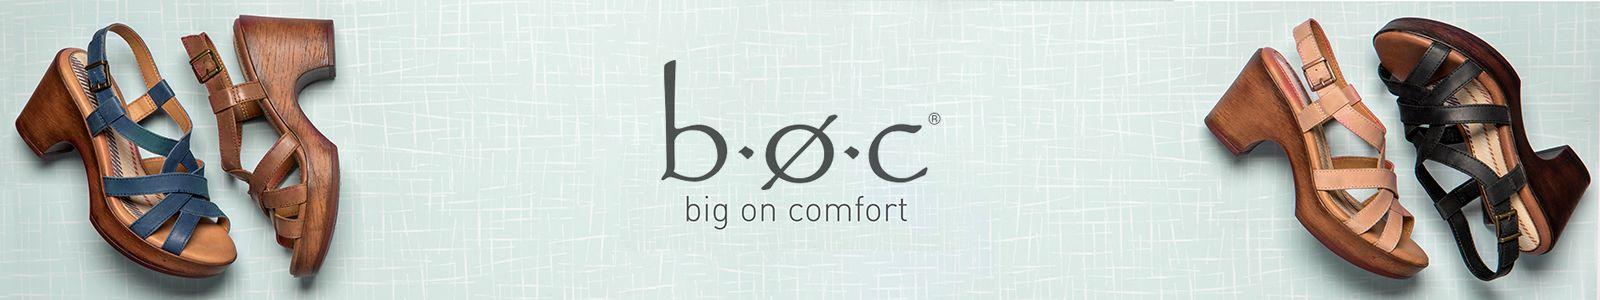 B.O.C, big on comfort